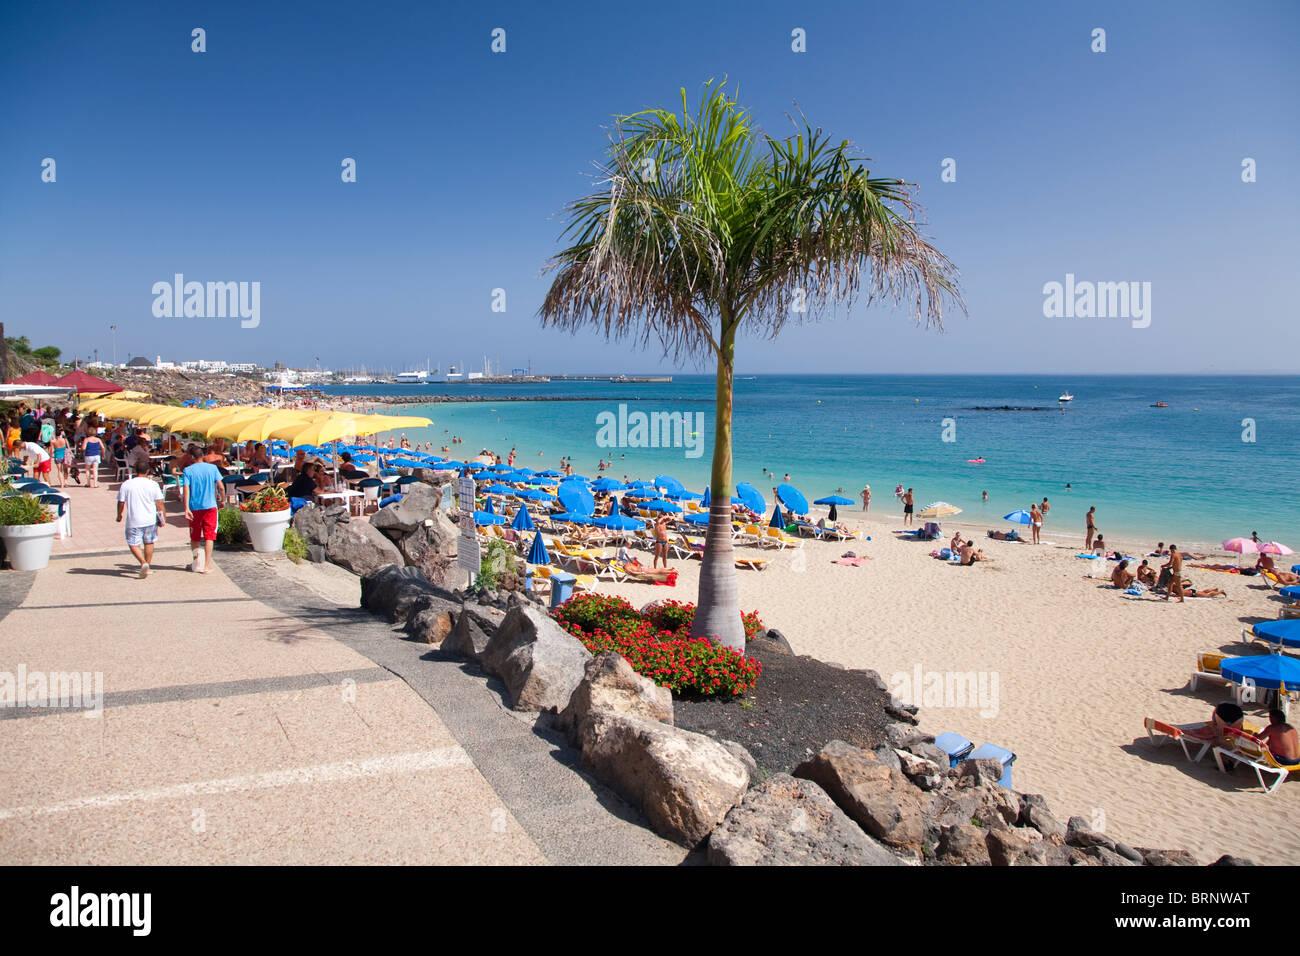 Hotel Hesperia Lanzarote Playa Blanca